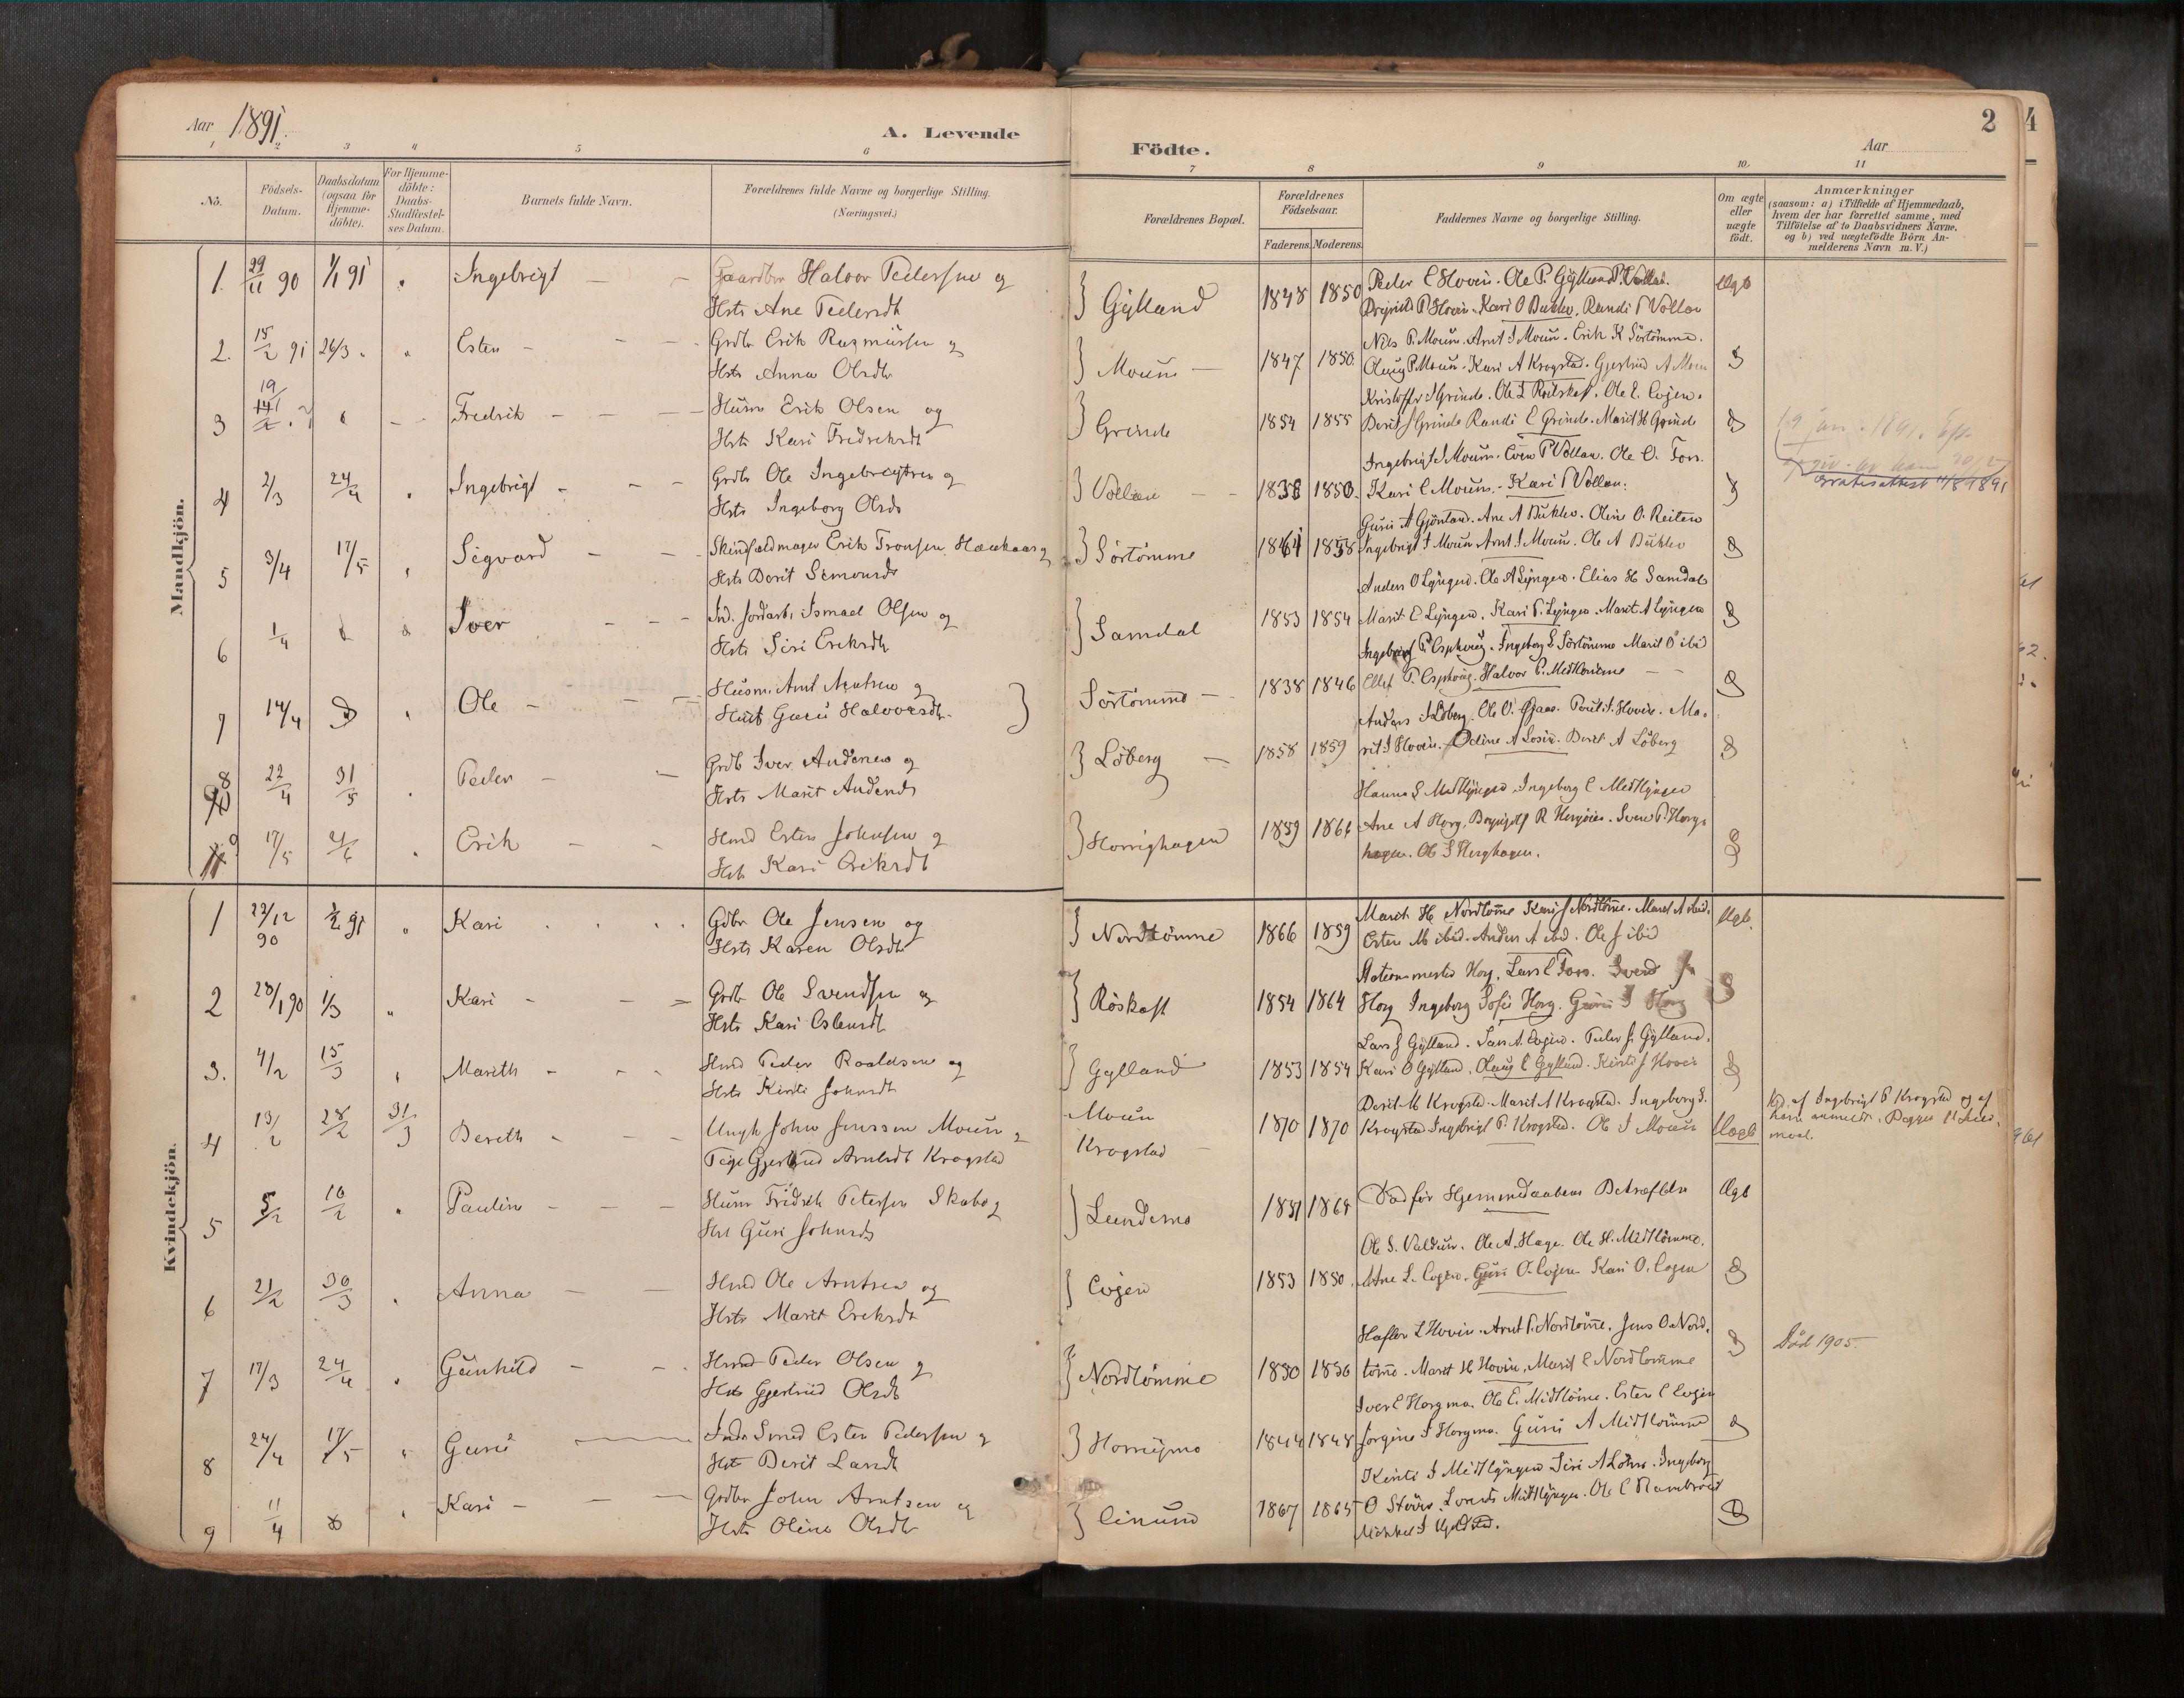 SAT, Ministerialprotokoller, klokkerbøker og fødselsregistre - Sør-Trøndelag, 692/L1105b: Ministerialbok nr. 692A06, 1891-1934, s. 2